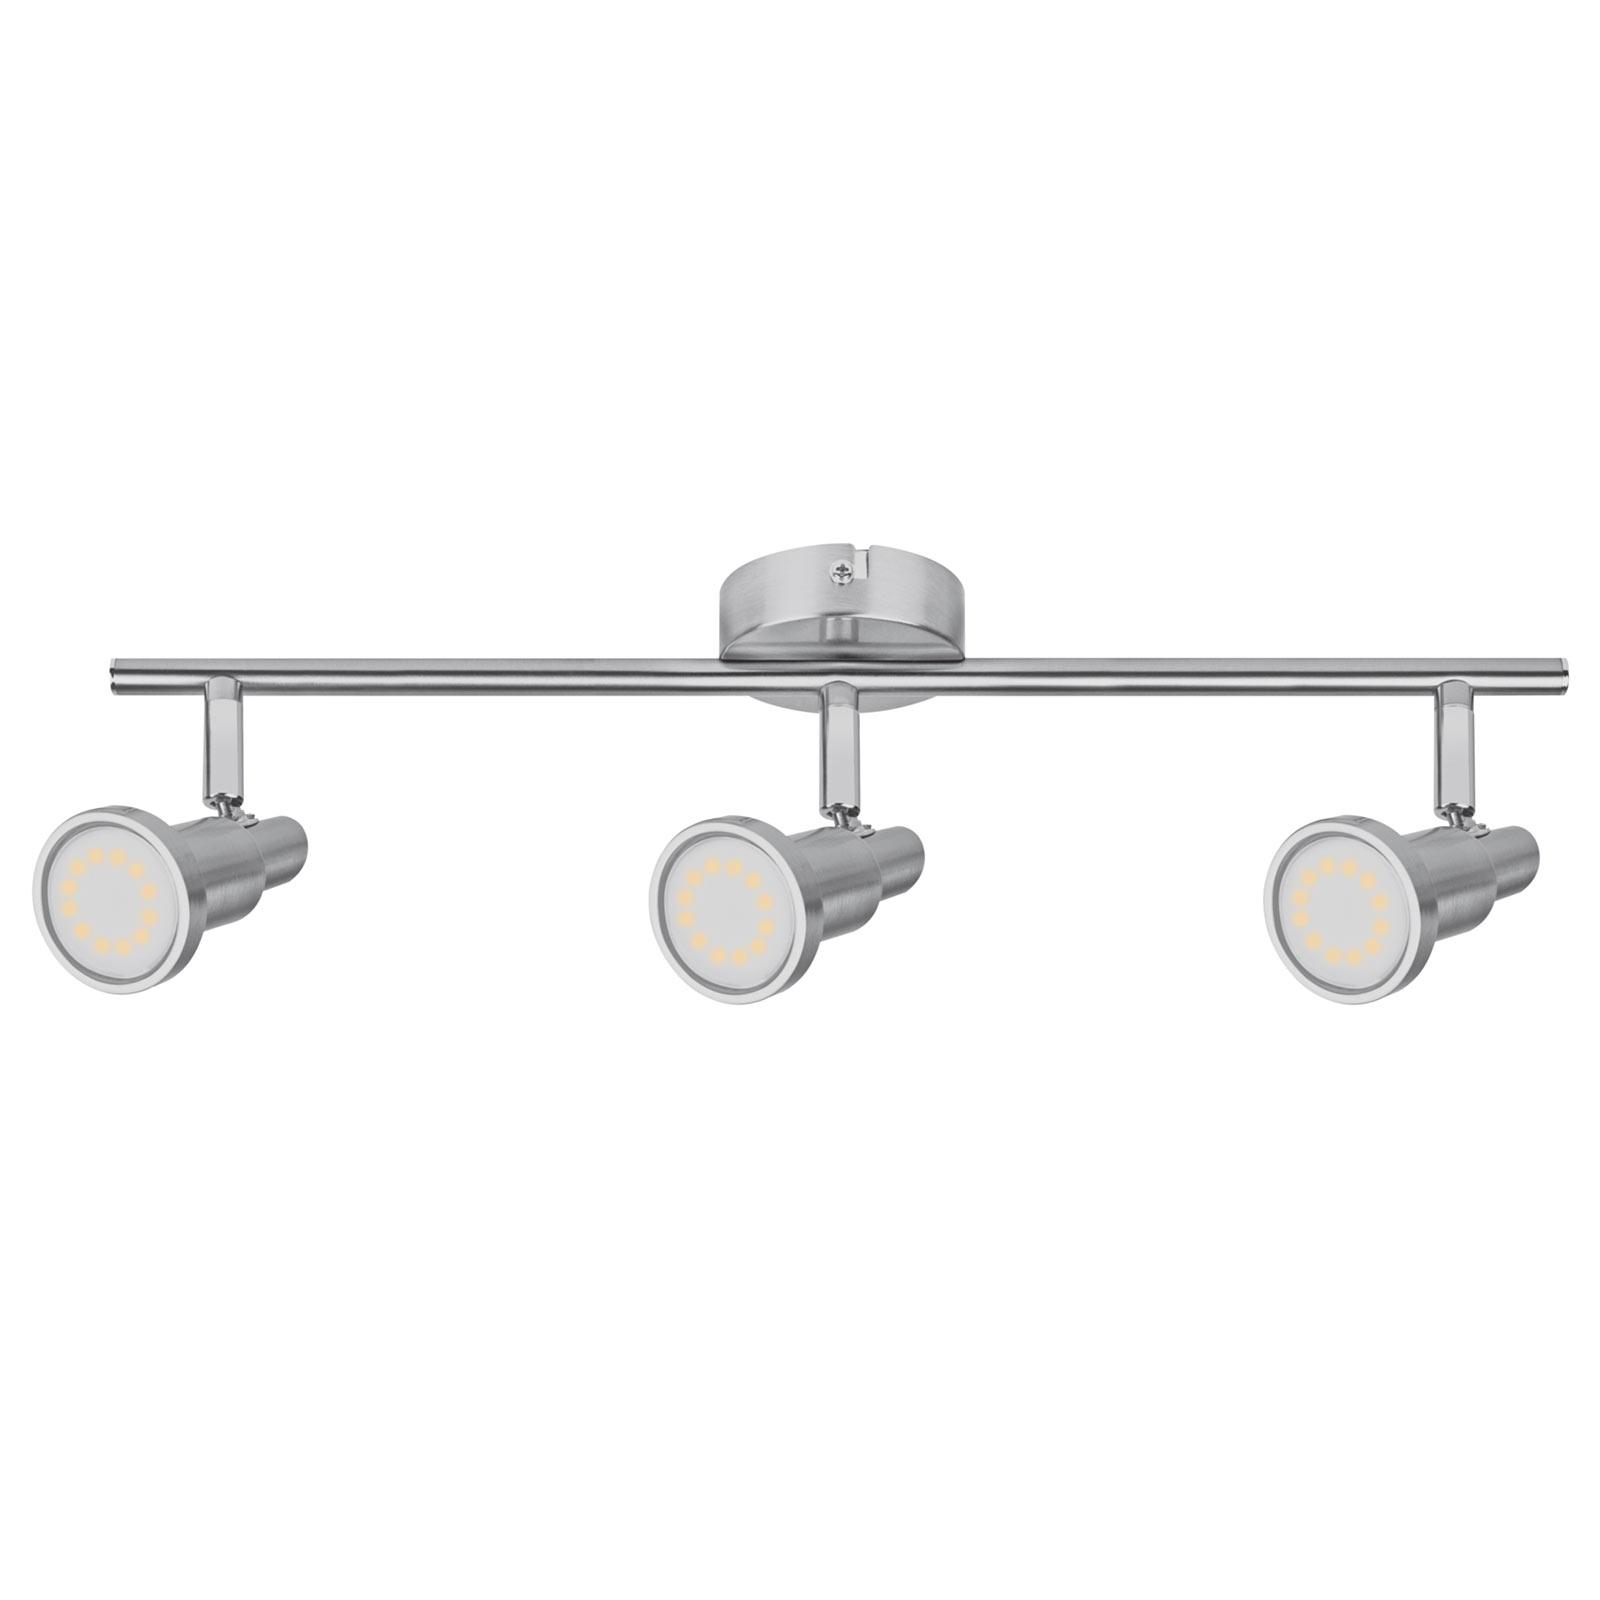 LEDVANCE Niclas LED spot, nikkel, 3-lamps